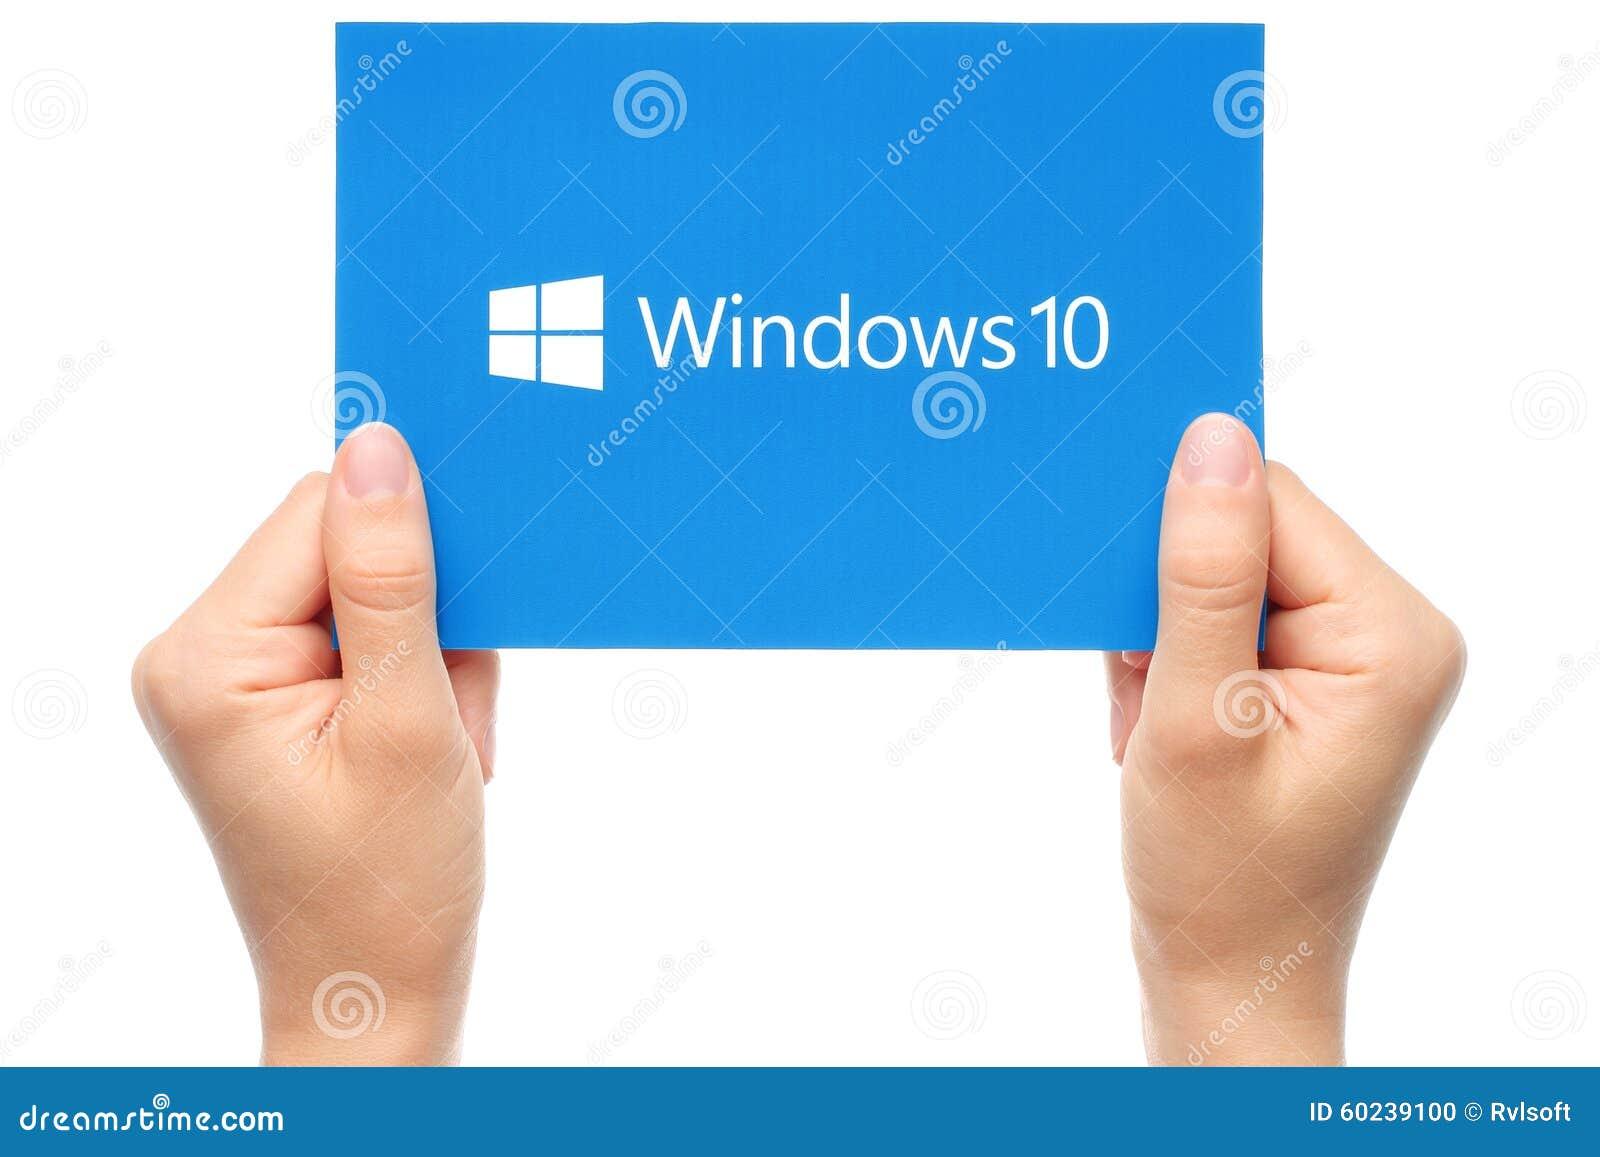 Рука держит логотип Windows 10